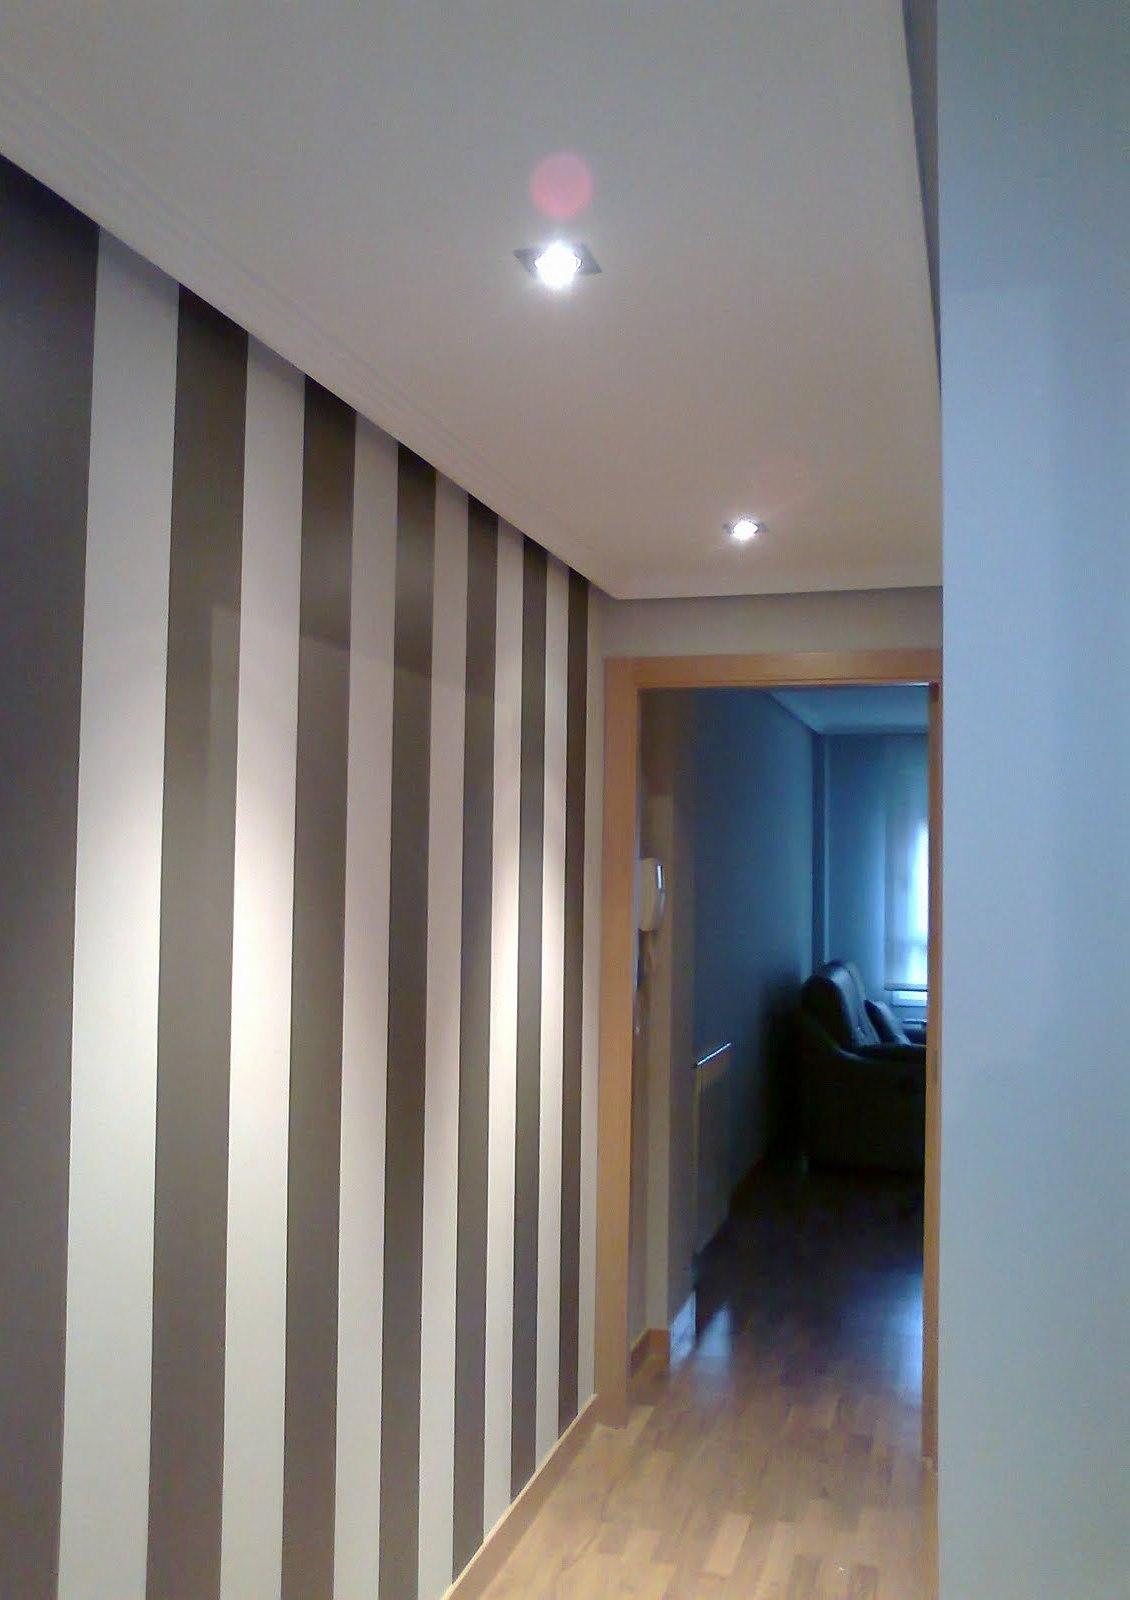 Pintura A Rayas Pasillo Reformas Y Decoraci N De Interiores En Le N ~ Colores Pintar Pasillo Y Entrada